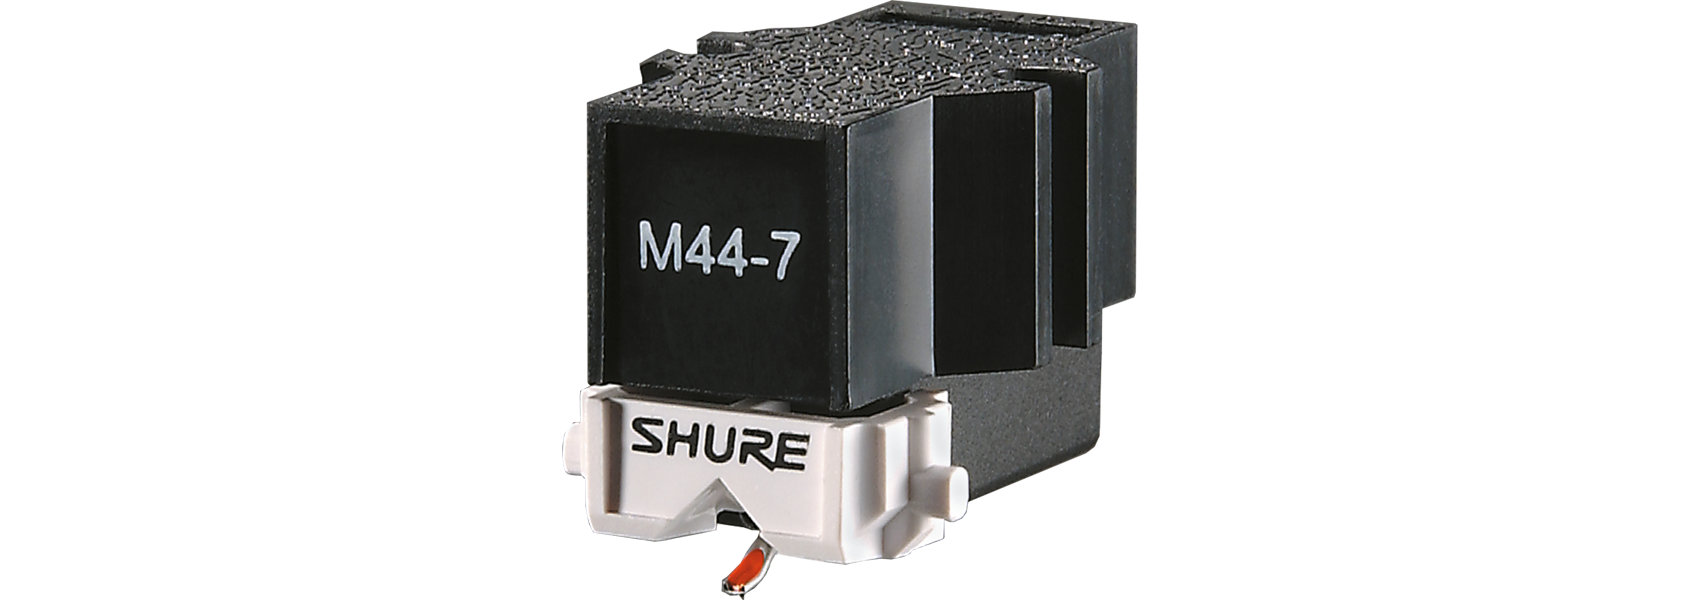 Ilustración Shure M44-7 Cápsula fonográfica